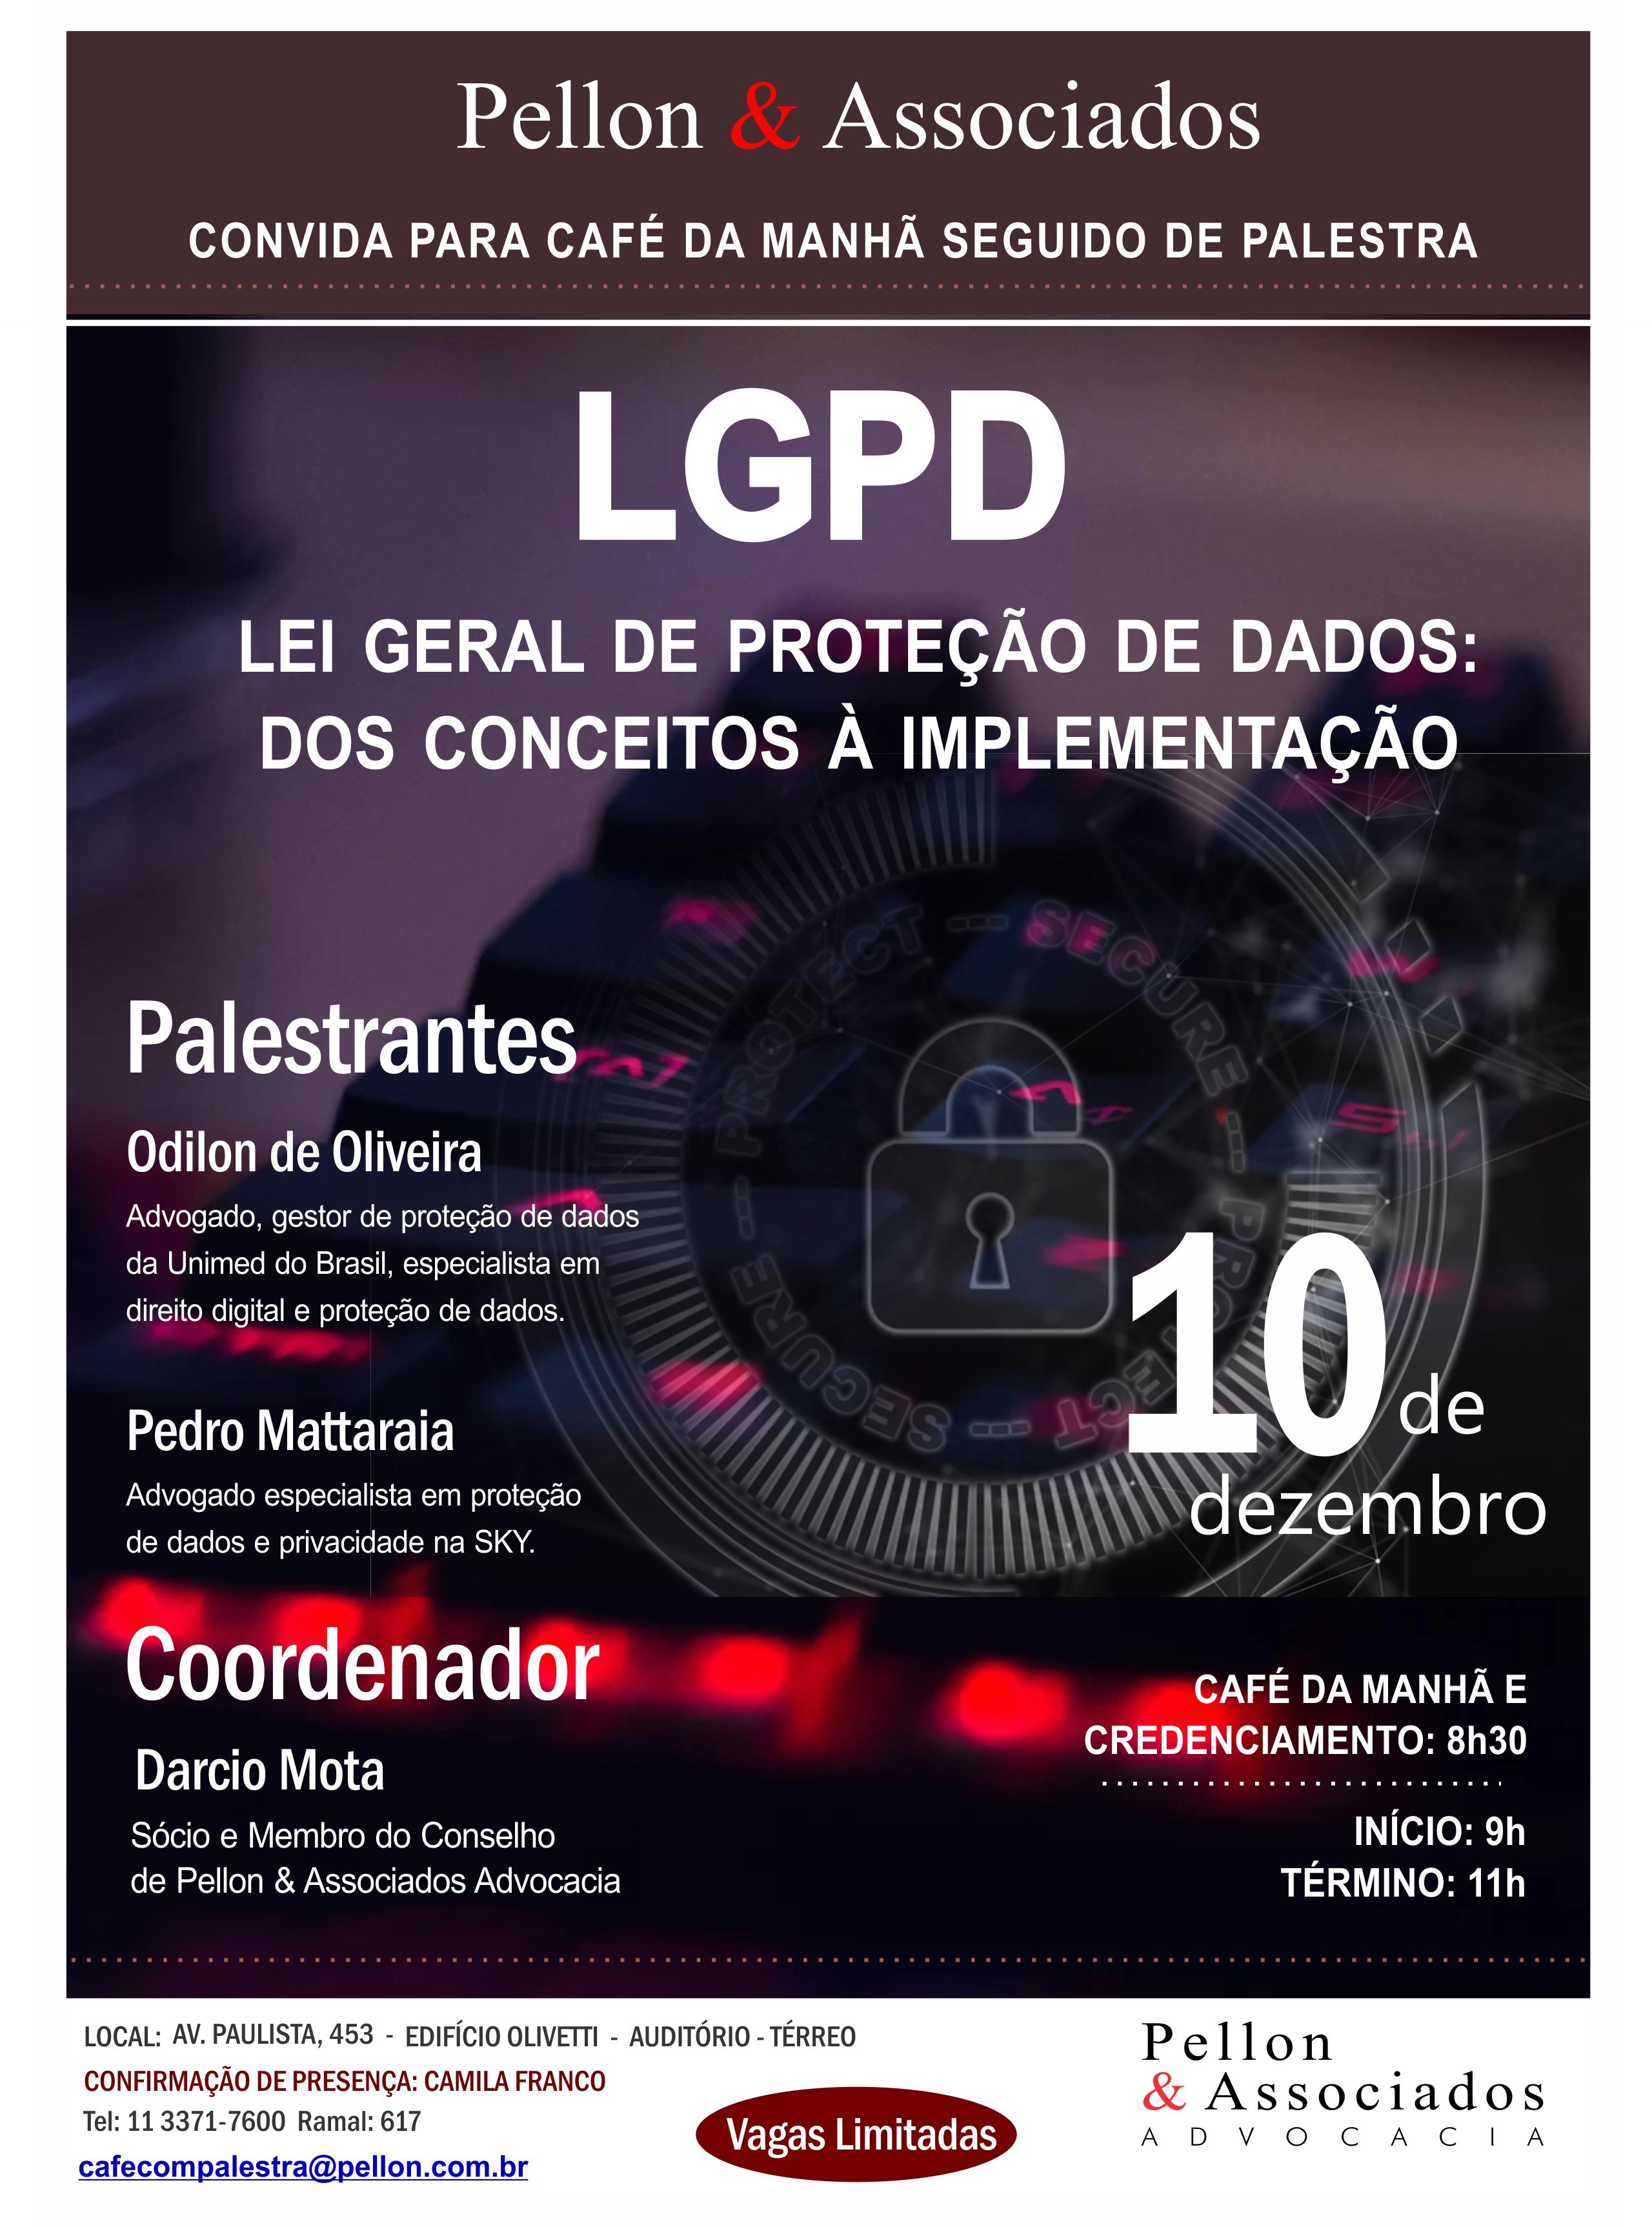 LGPD (Lei Geral de Proteção de Dados): dos conceitos à implementação